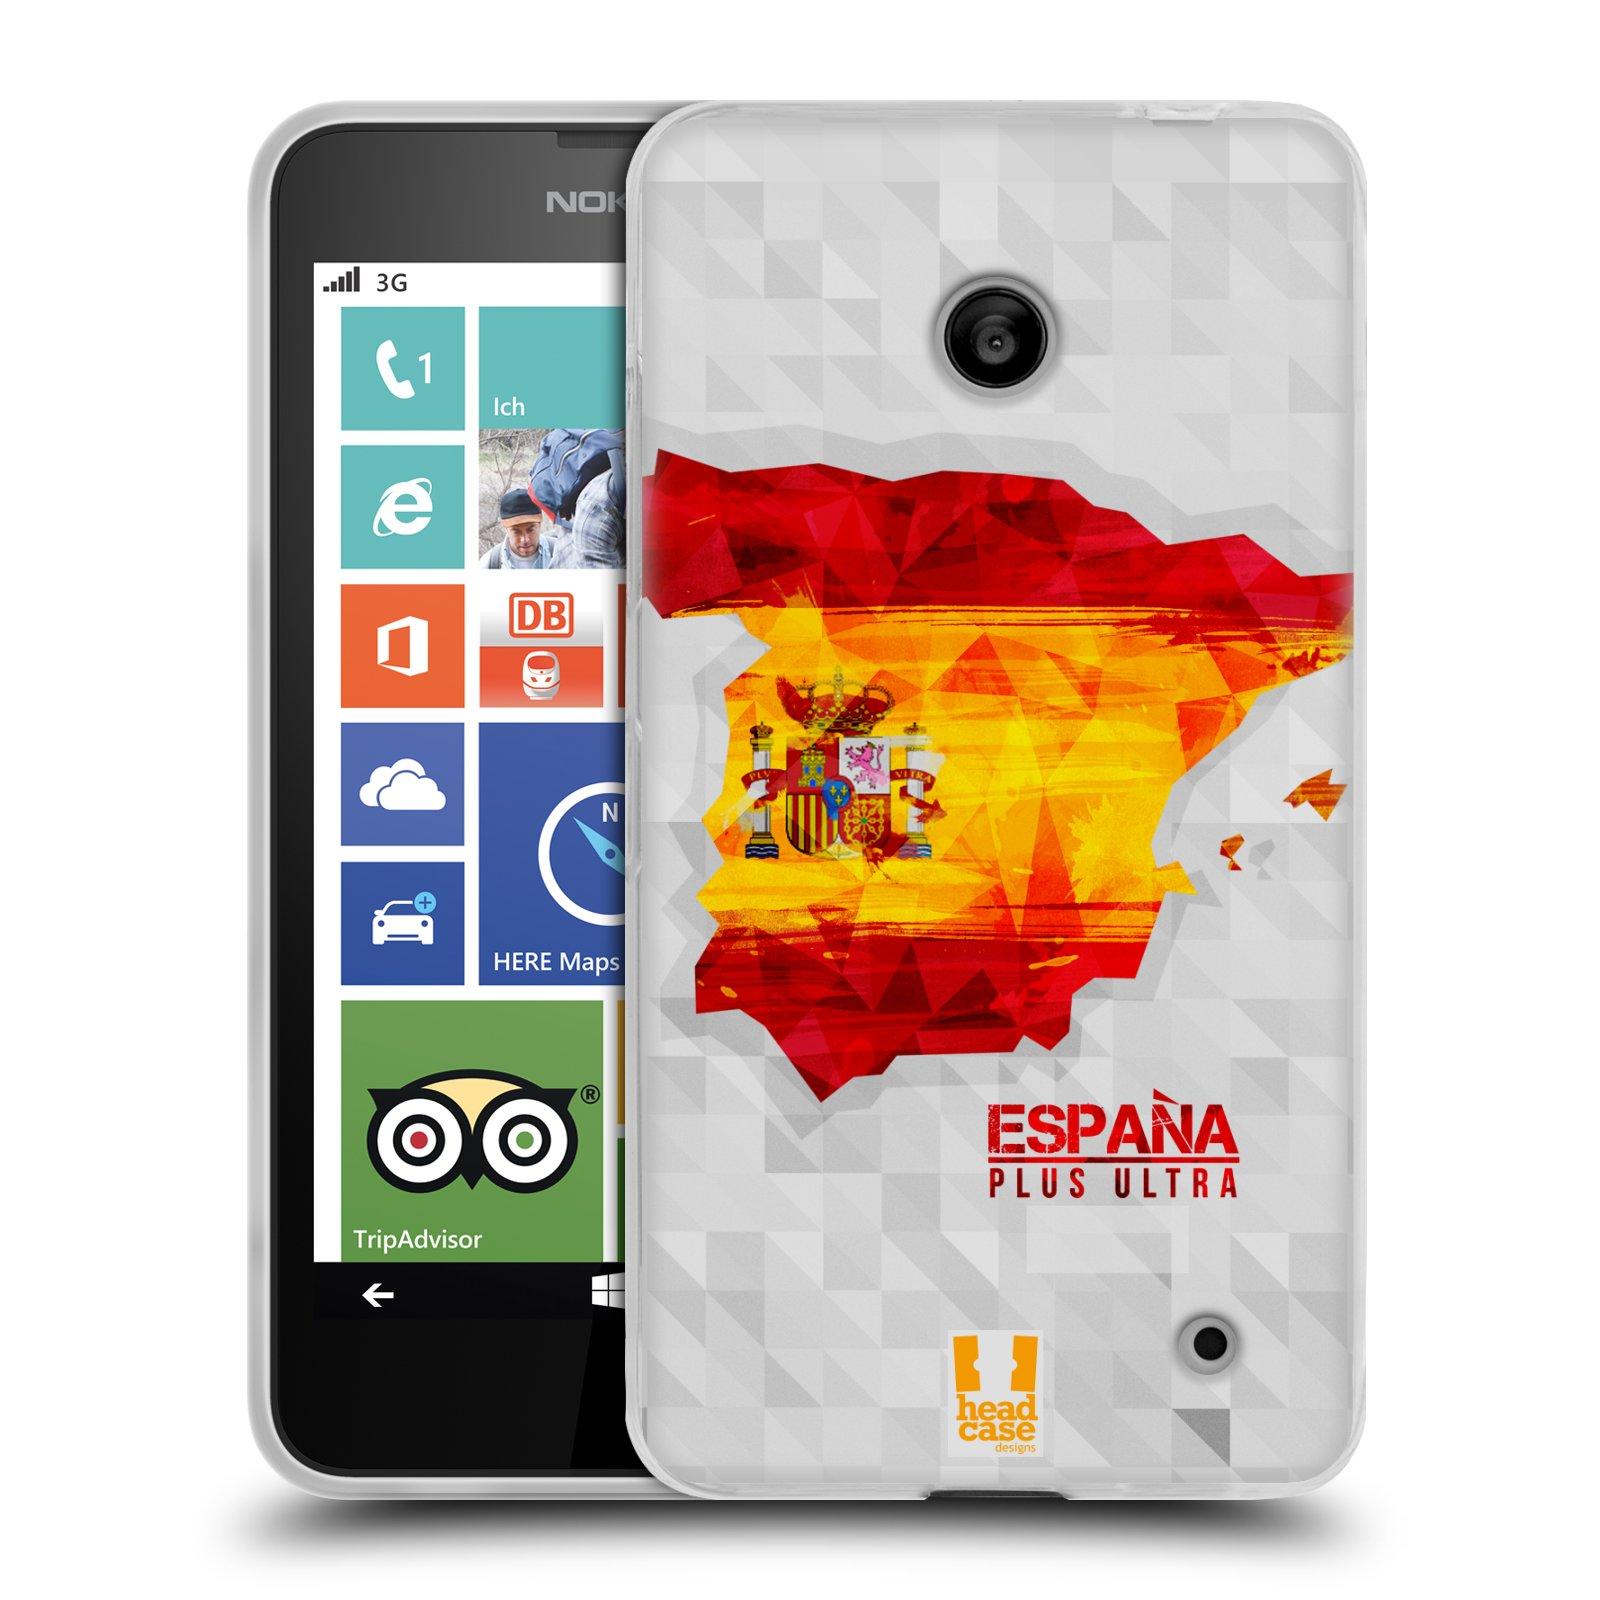 Silikonové pouzdro na mobil Nokia Lumia 630 HEAD CASE GEOMAPA ŠPANĚLSKO (Silikonový kryt či obal na mobilní telefon Nokia Lumia 630 a Nokia Lumia 630 Dual SIM)